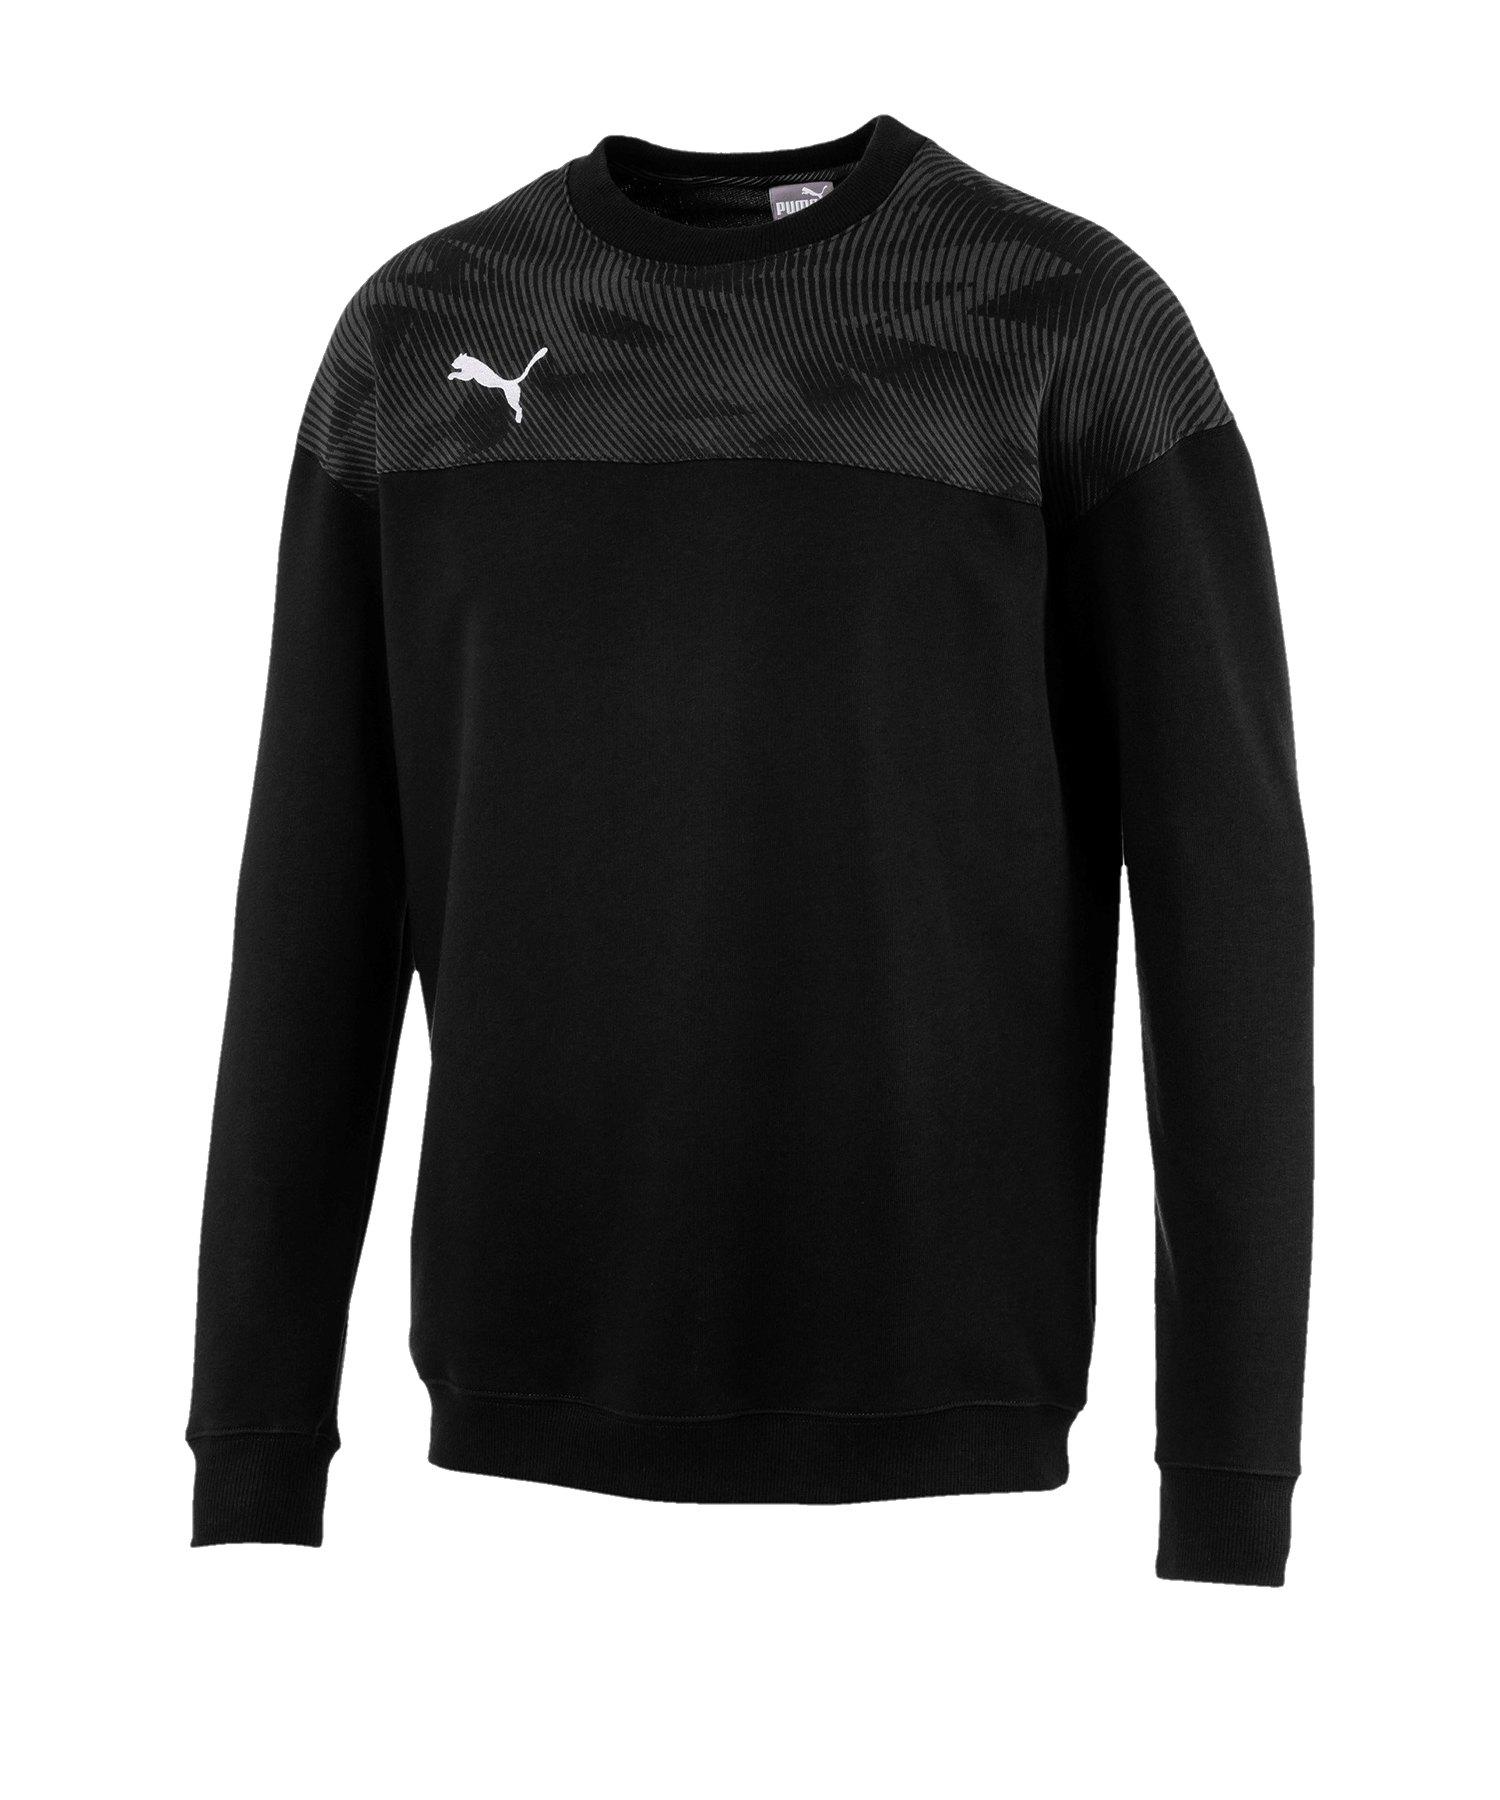 PUMA CUP Casuals Sweatshirt Schwarz Weiss F03 - schwarz